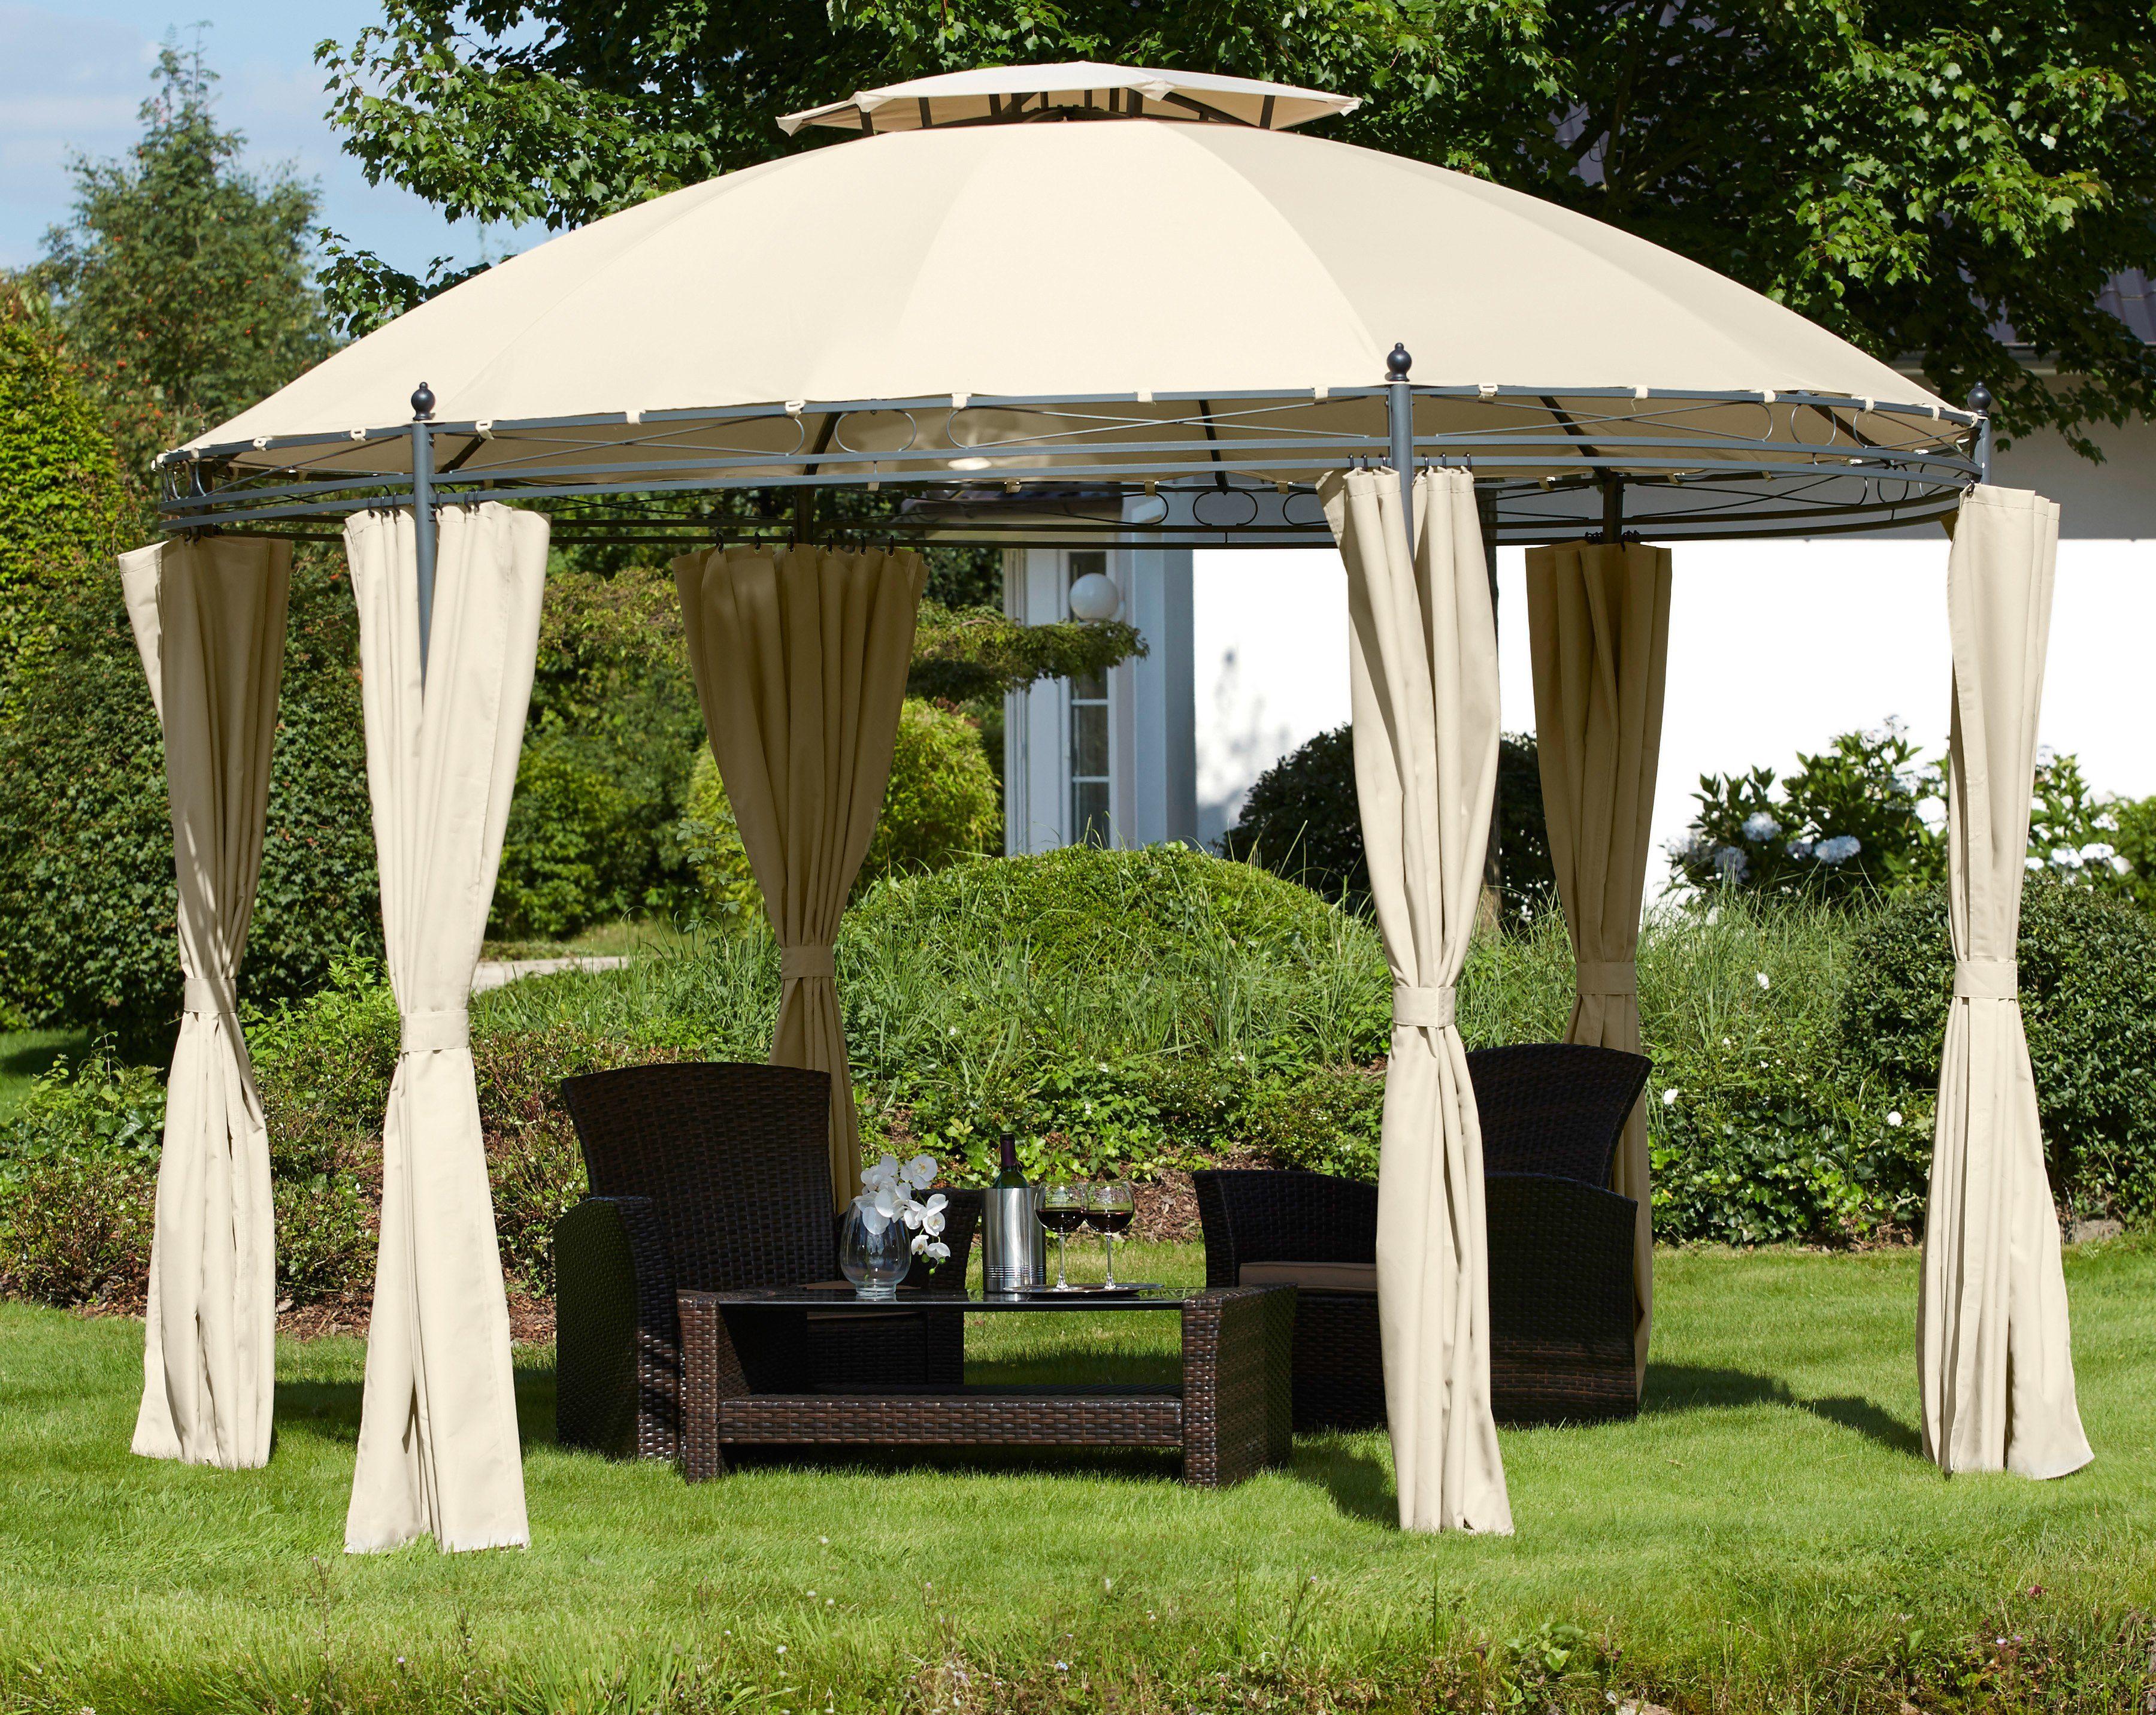 Komplett Neu Pavillons online kaufen » in 3x3, 3x4, 3x6, 4x4 & rund | OTTO IE83